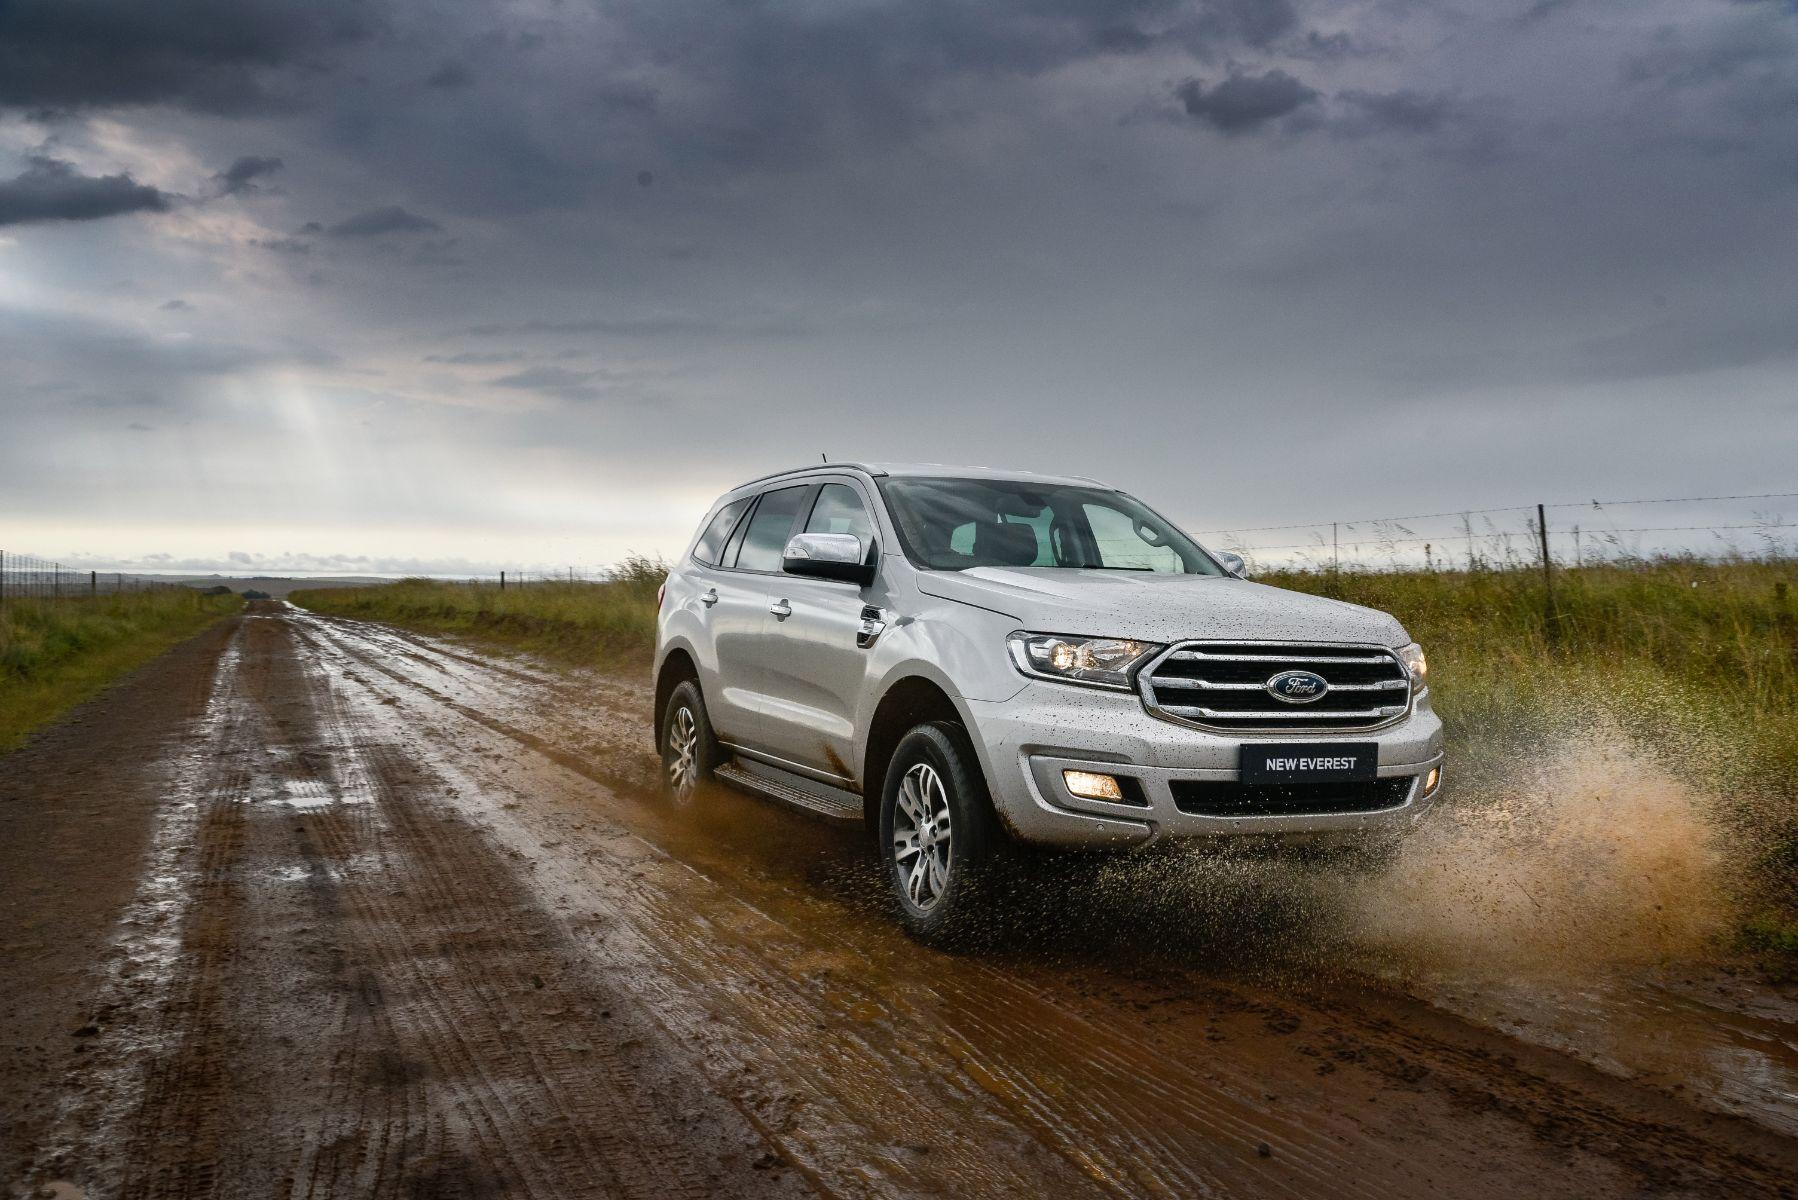 ford everest xlt prata frente em estrada de terra molhda